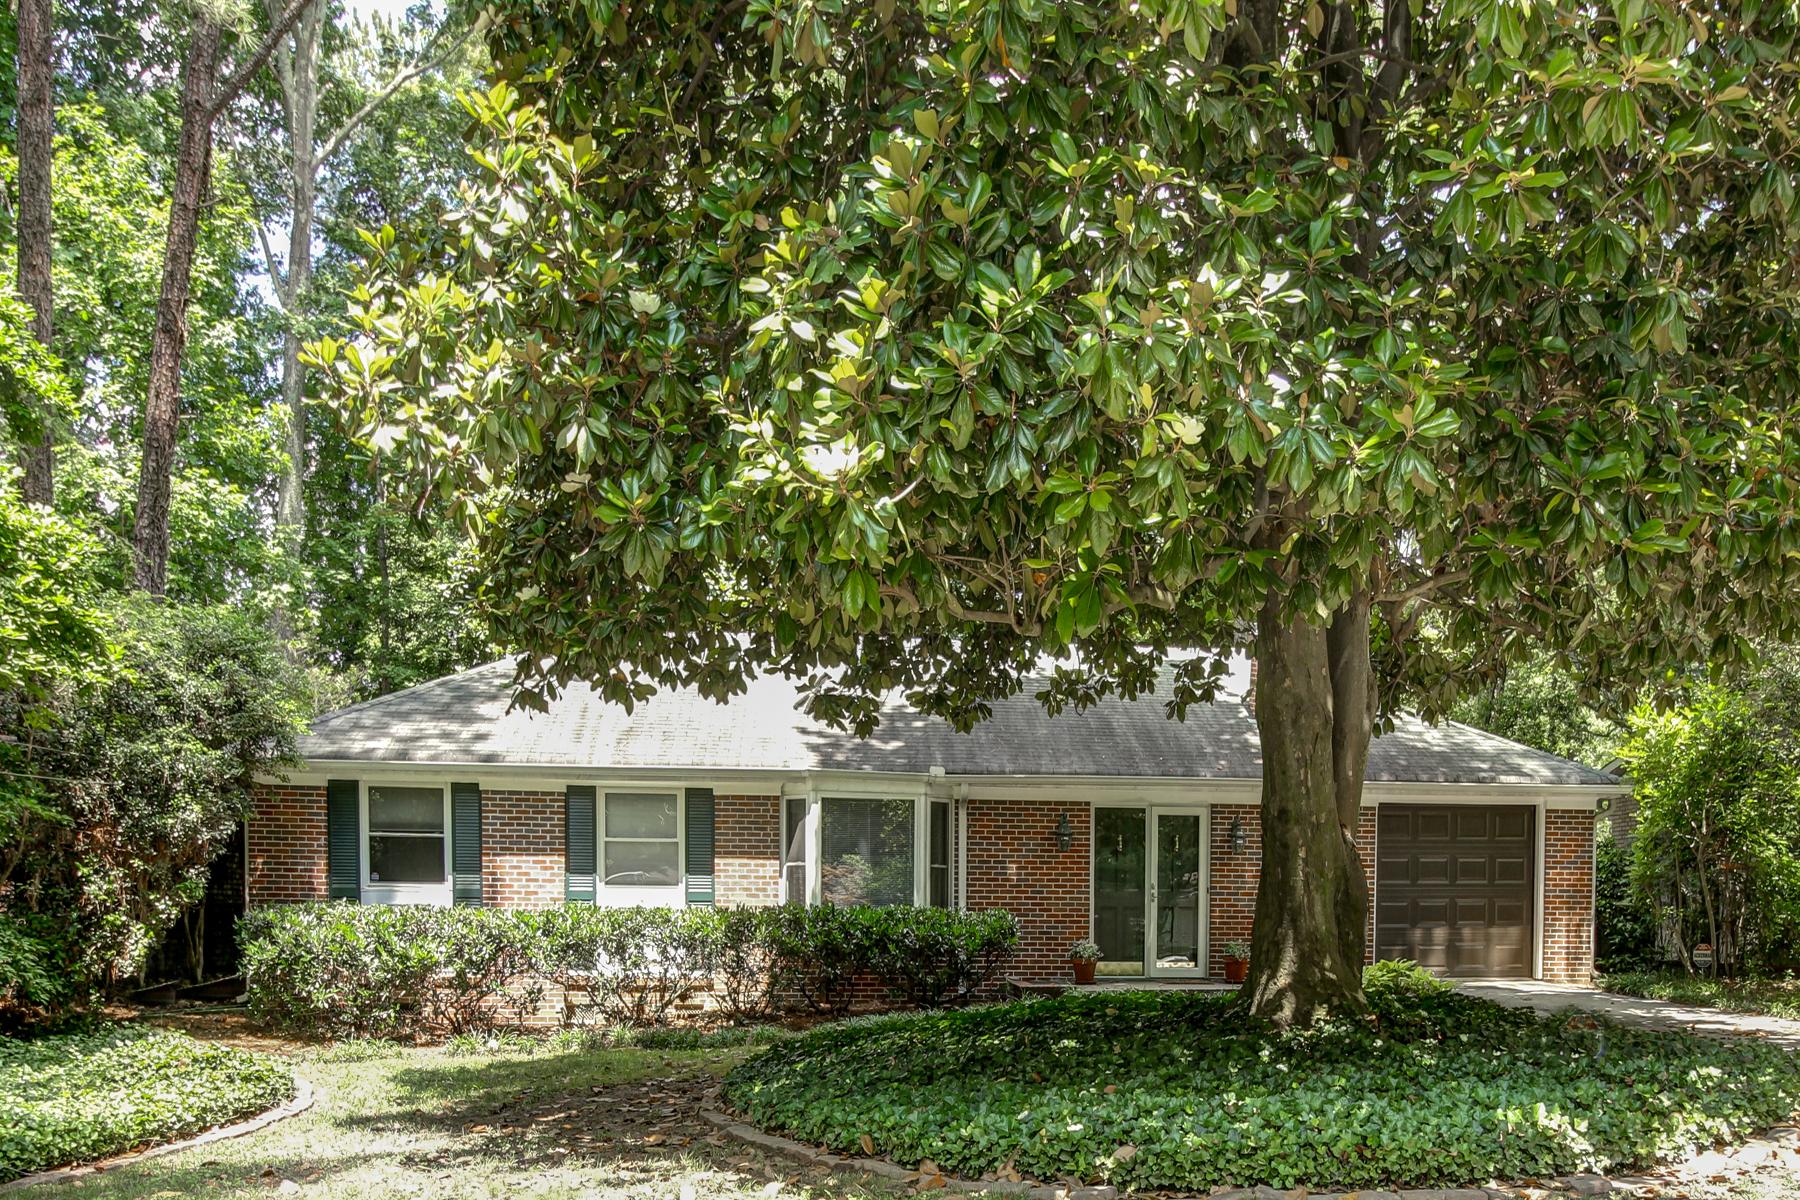 단독 가정 주택 용 매매 에 Brick Ranch Home In Hot Brookhaven 3619 Woodstream Circle Atlanta, 조지아 30319 미국